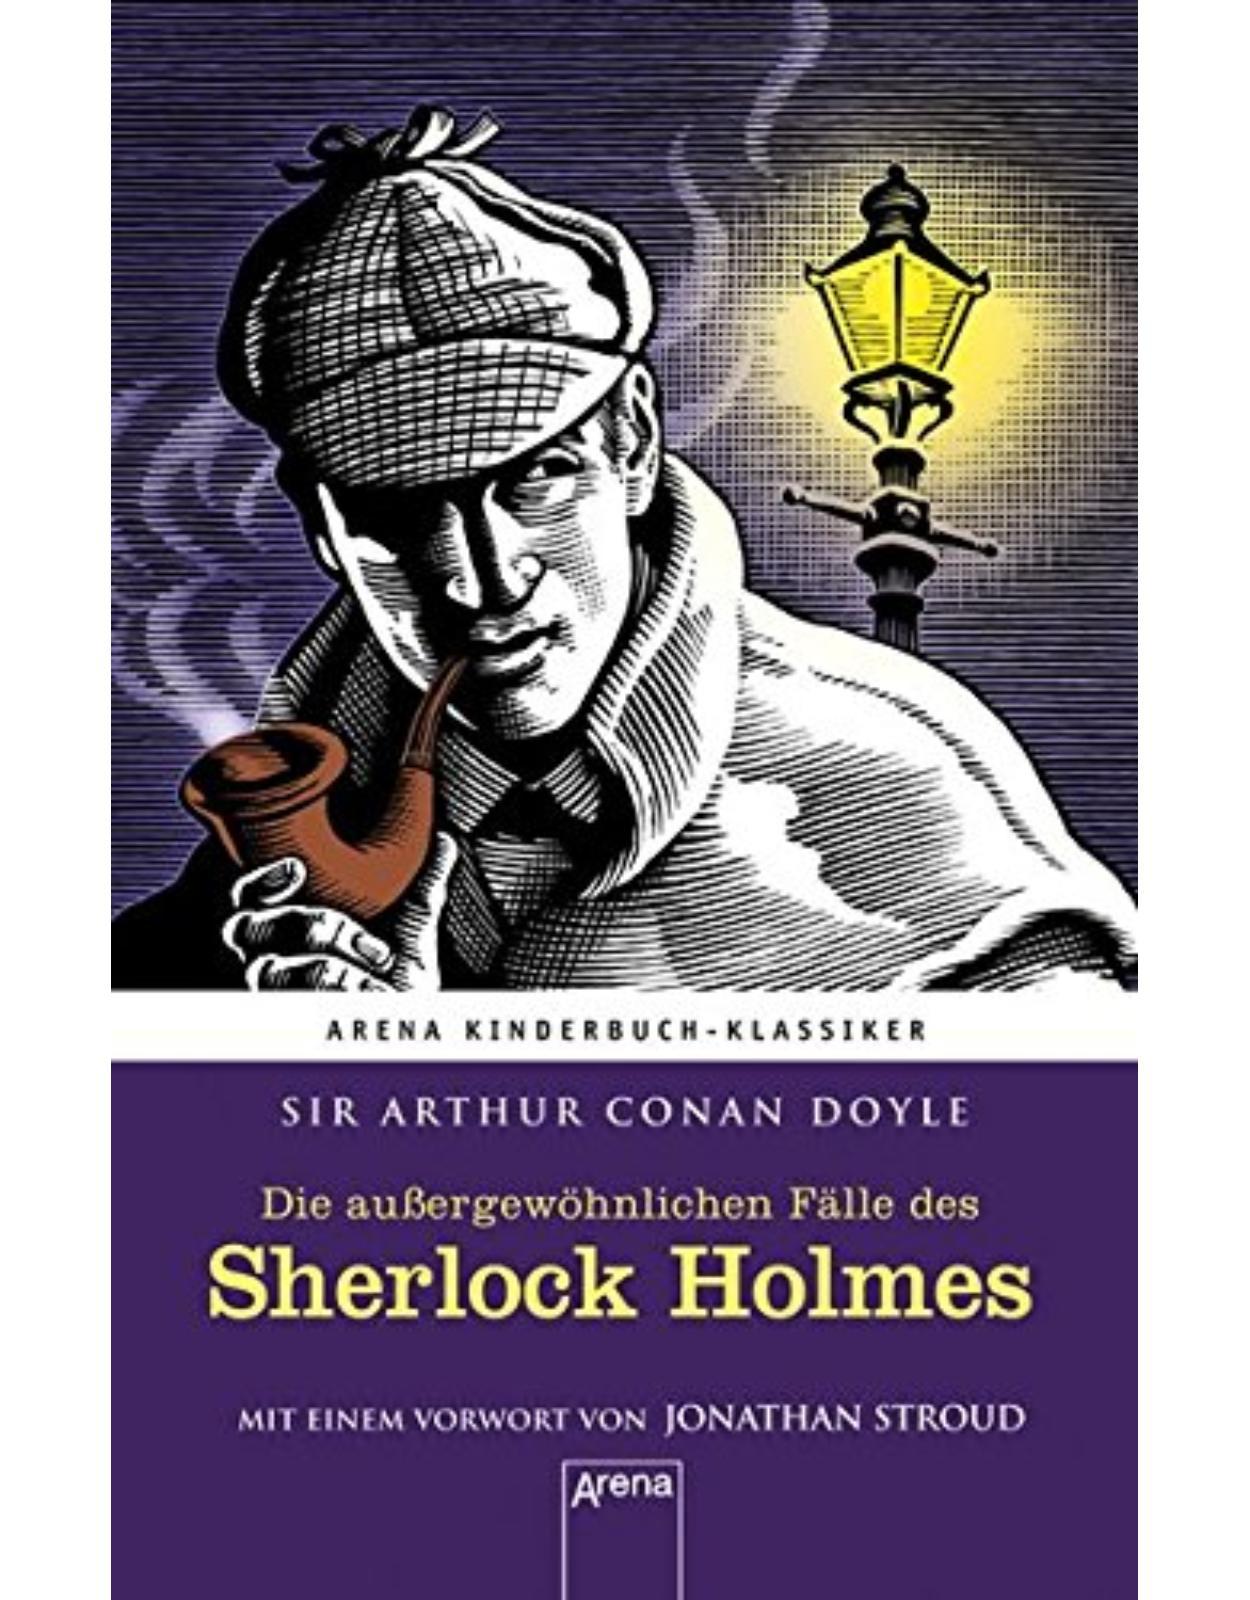 Die außergewöhnlichen Fälle des Sherlock Holmes: Arena Kinderbuch-Klassiker. Mit einem Vorwort von Jonathan Stroud